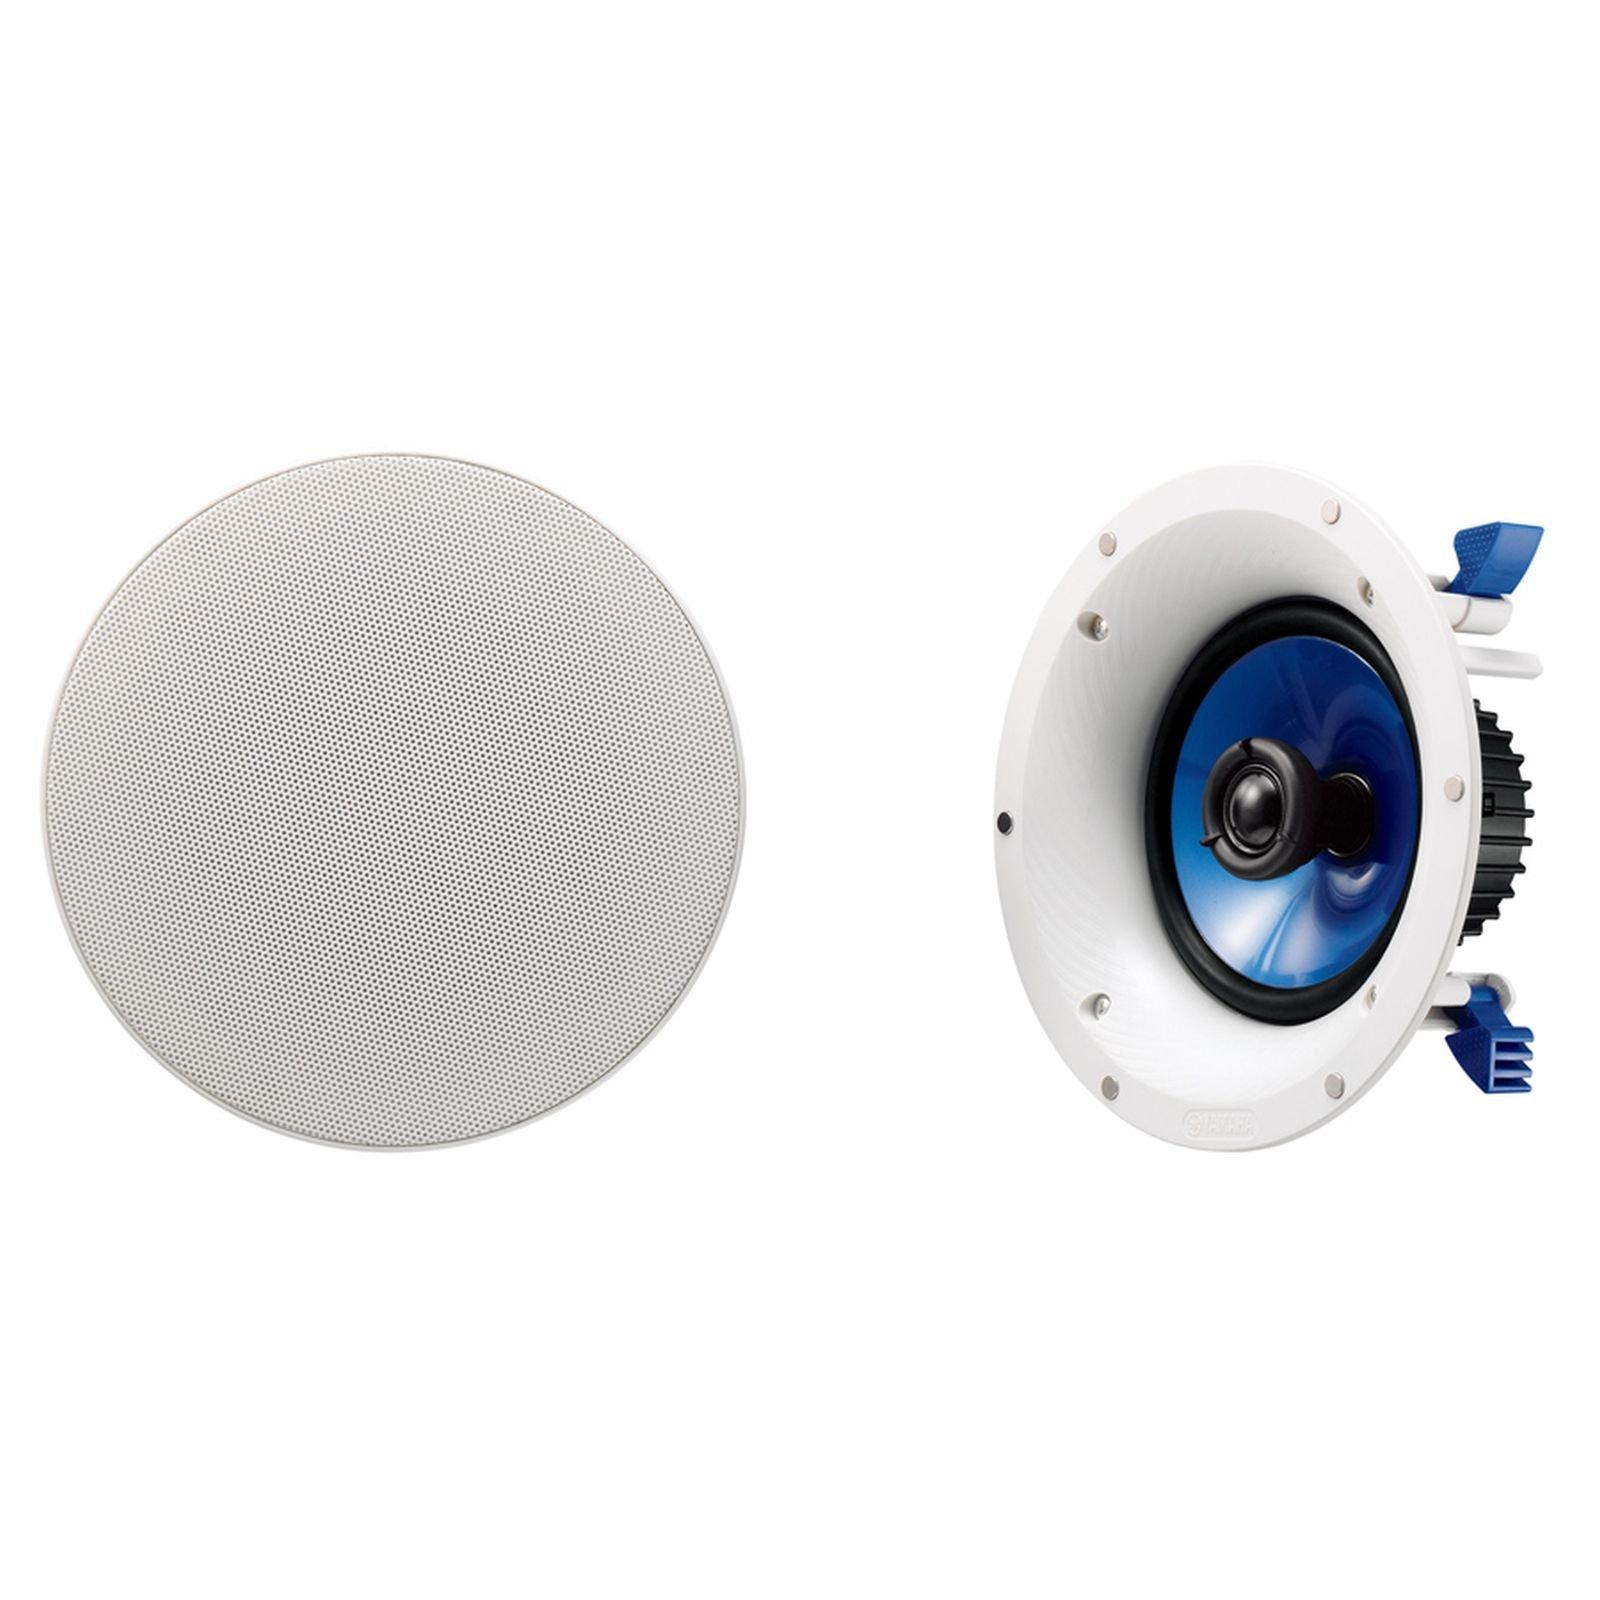 Yamaha NSIC600WH 2-Way 110-Watts RMSSpeaker - White